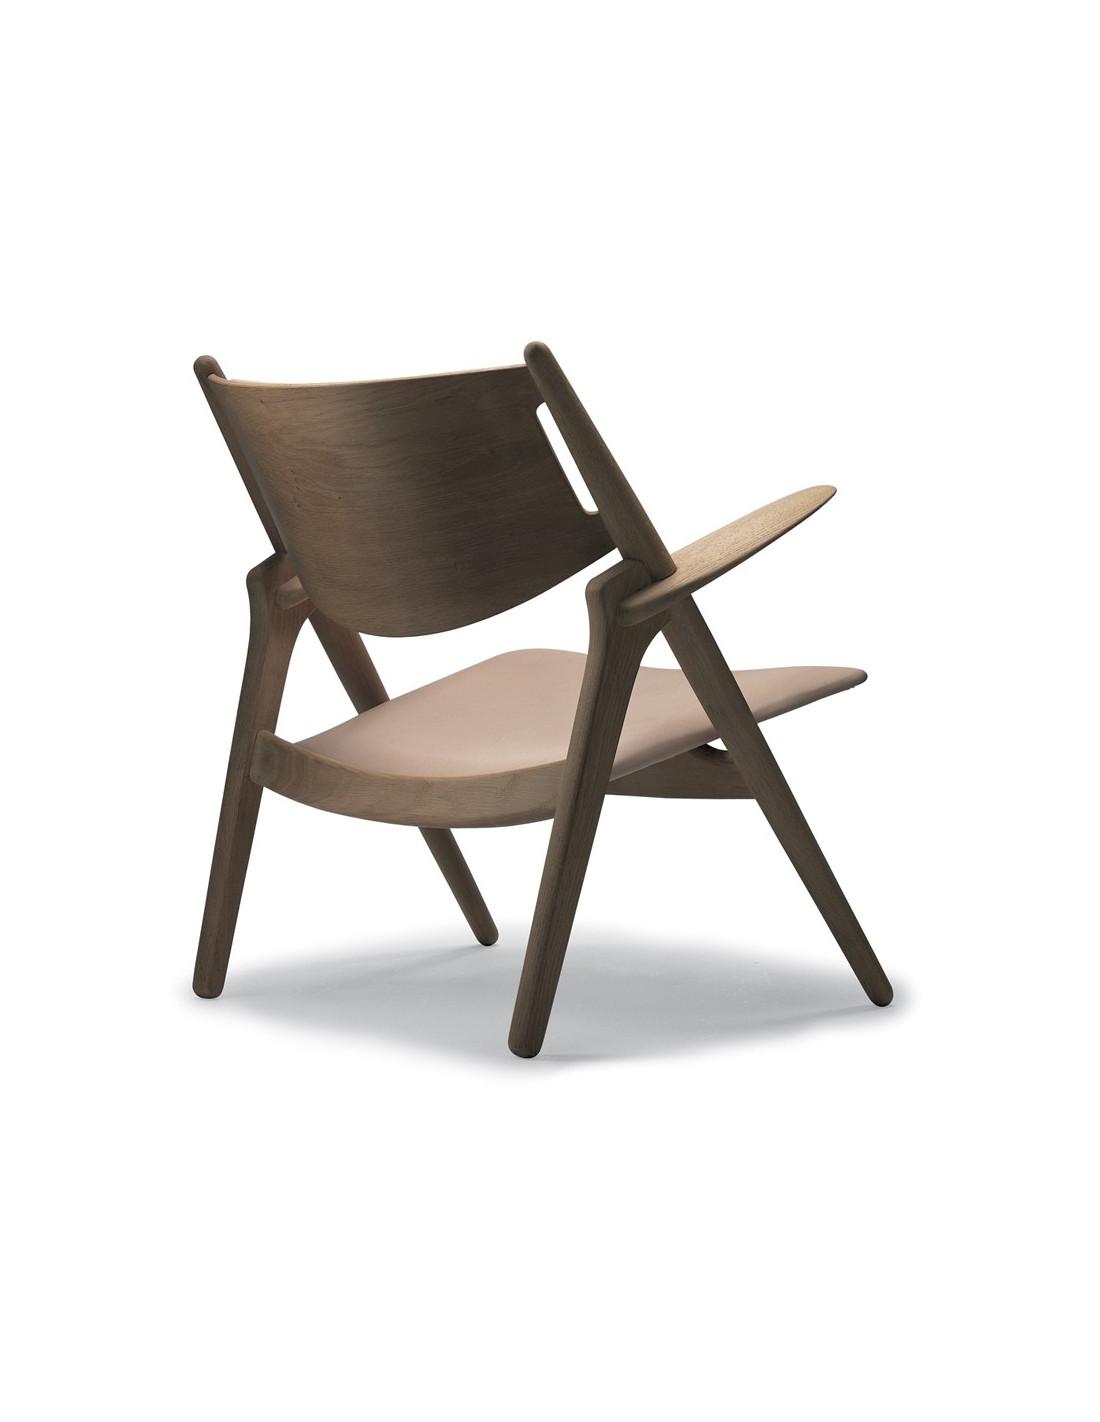 fauteuil ch28 design danois par hans wegner pour carl hansen. Black Bedroom Furniture Sets. Home Design Ideas